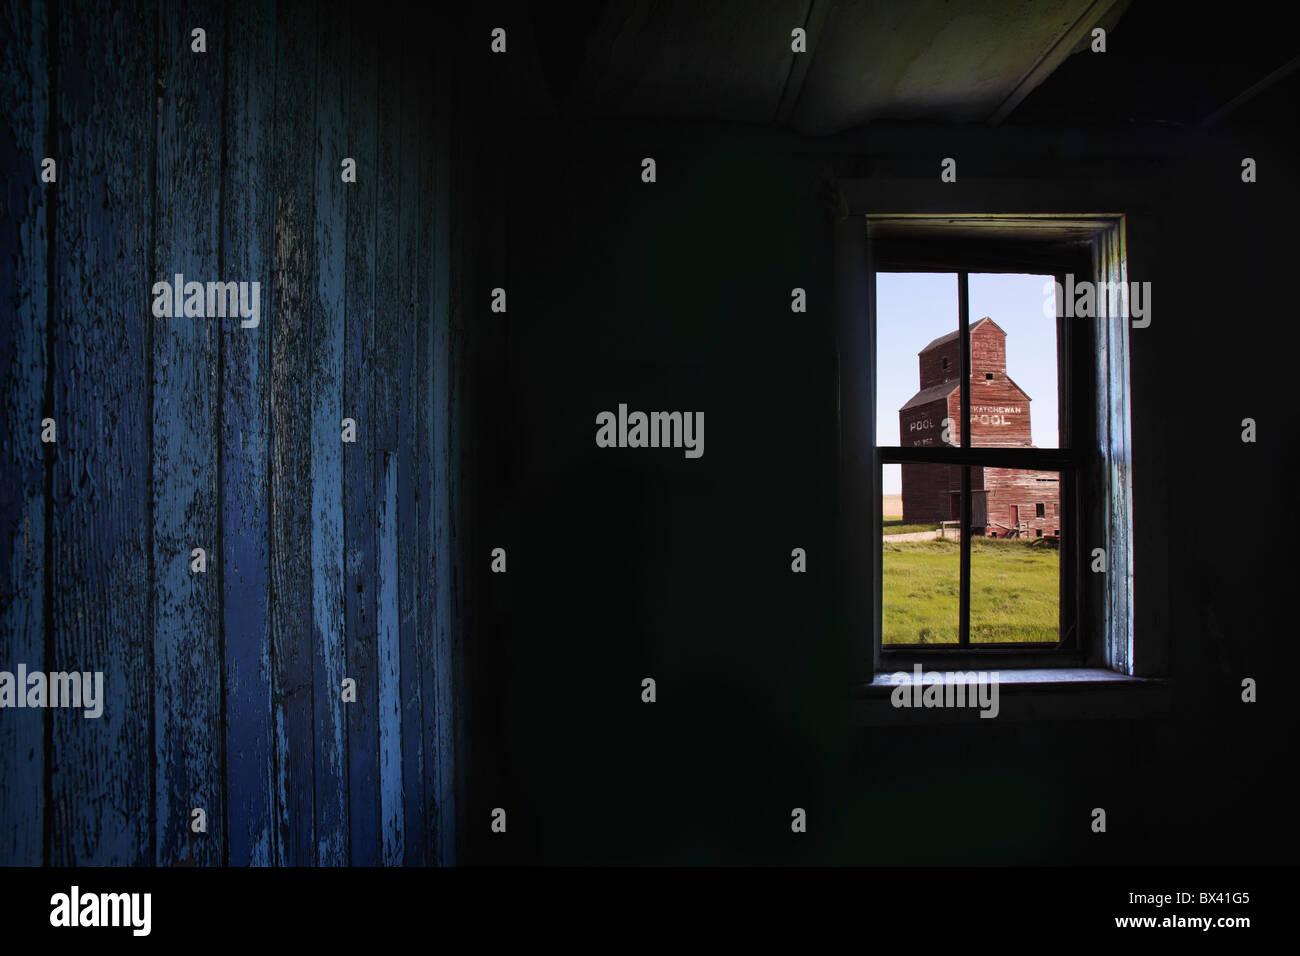 Un élévateur à grains vus à travers la fenêtre d'une vieille ville fantôme abandonnée; Photo Stock